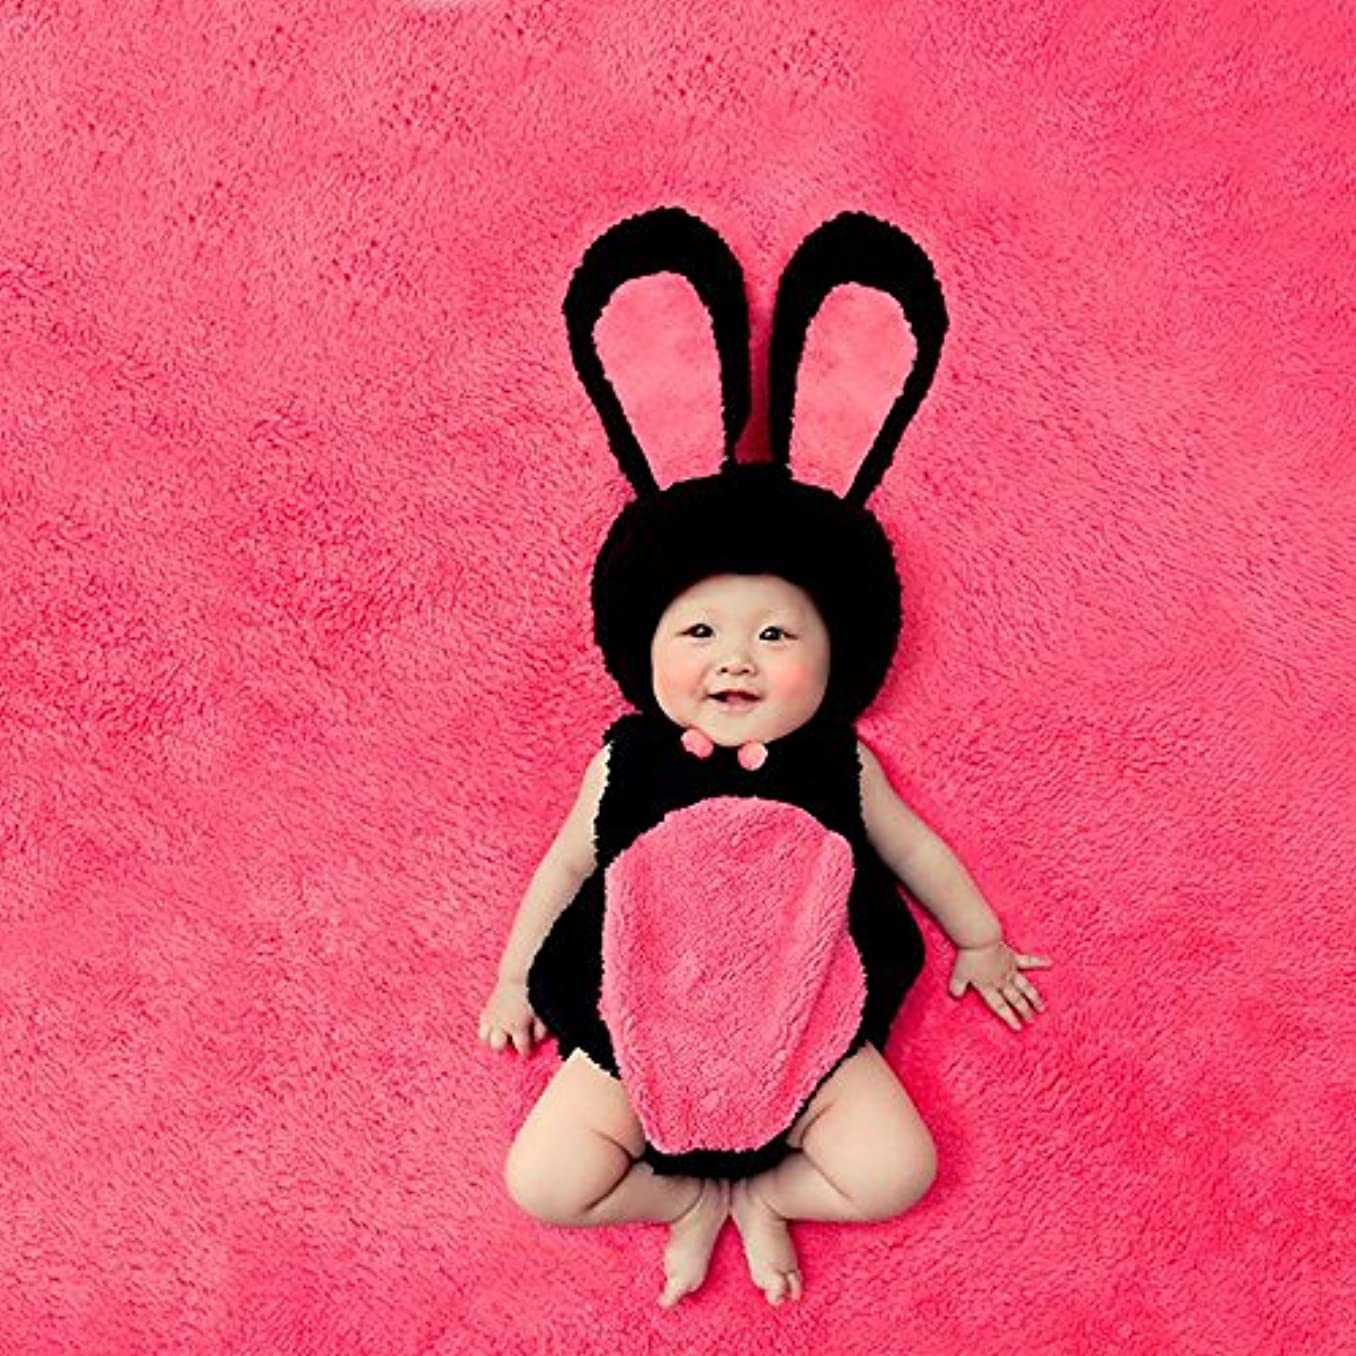 提唱する形成次へJ-LAVIE ベビー 着ぐるみ うさぎ かわいい もこもこ 柔らか 寝相アート 出産祝い 記念写真